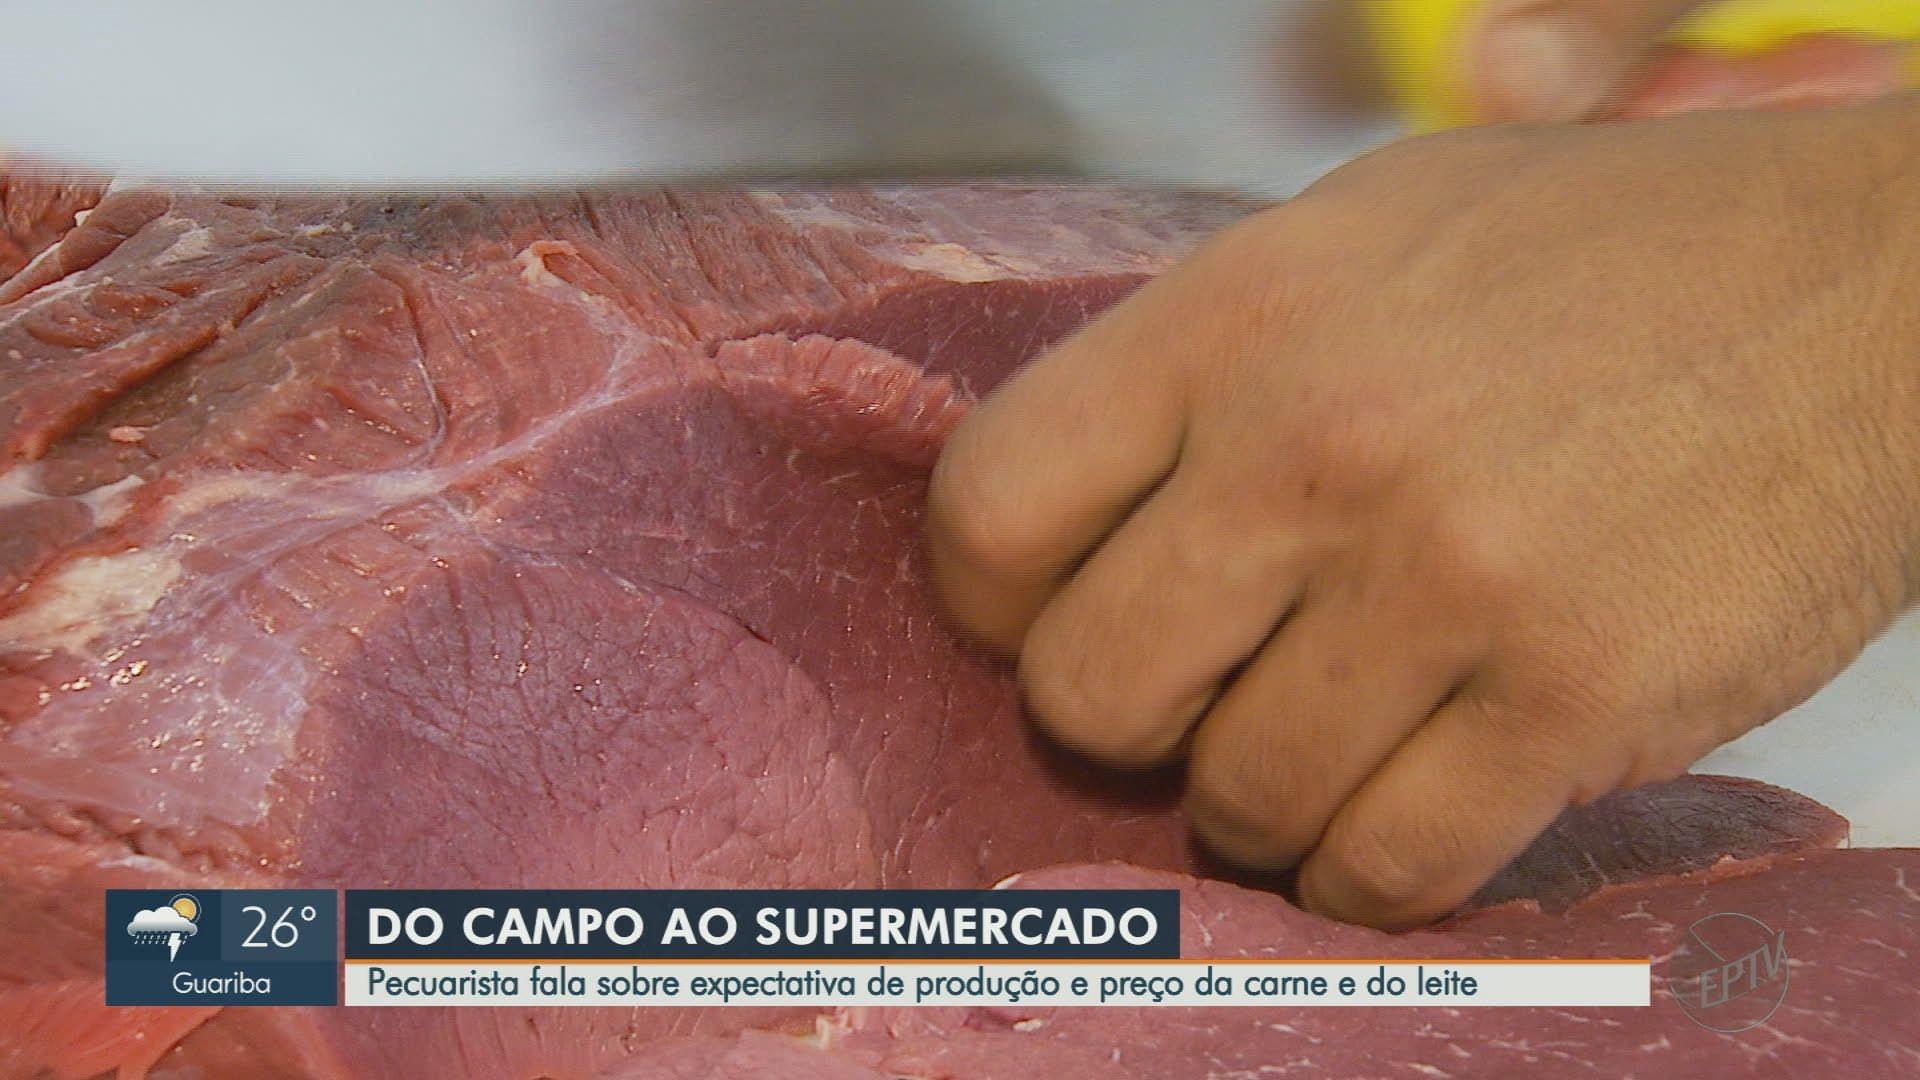 VÍDEOS: EPTV 1 Ribeirão Preto de terça-feira, 20 de outubro de 2020